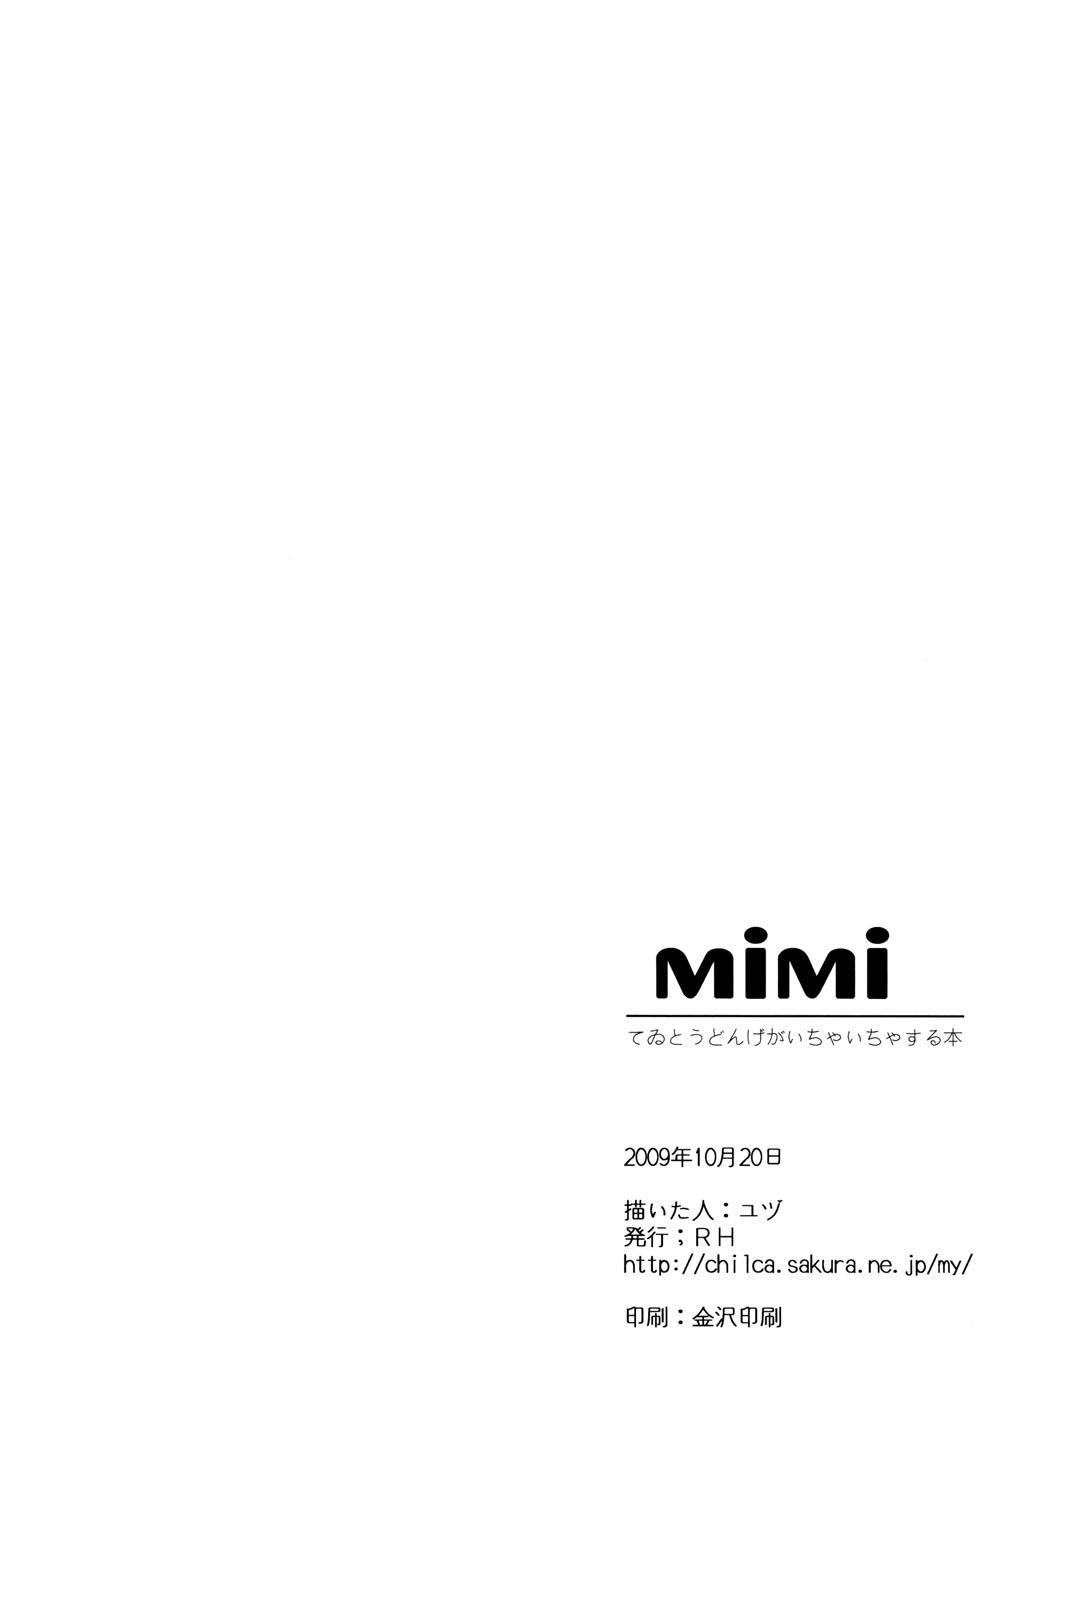 Mimi 25